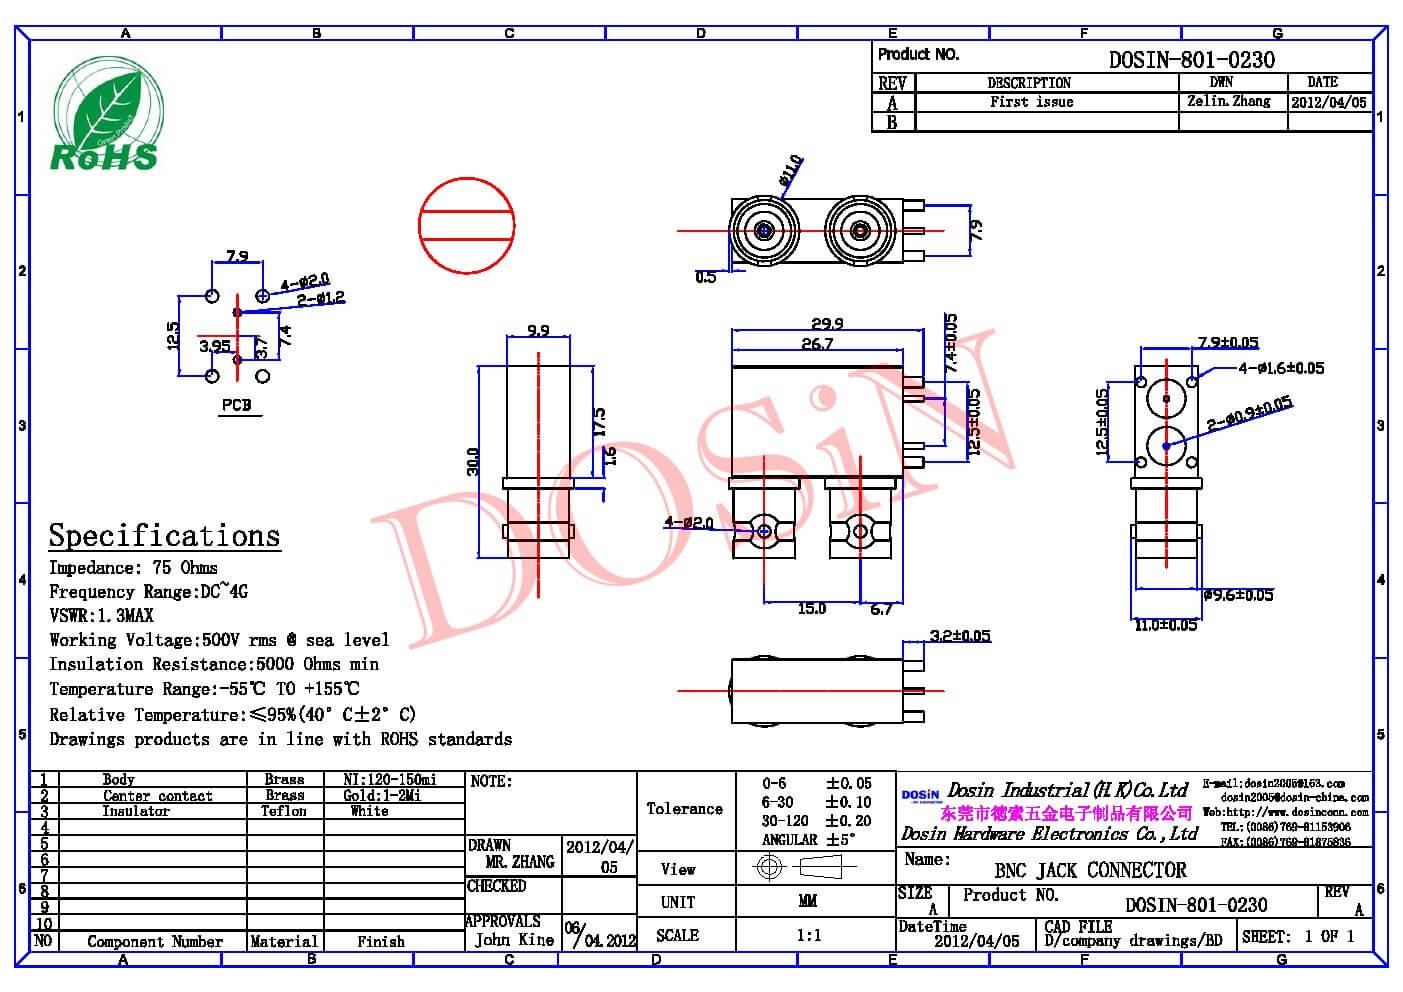 弯式BNC连接器母头PCB板5.2mm 穿孔式75欧姆